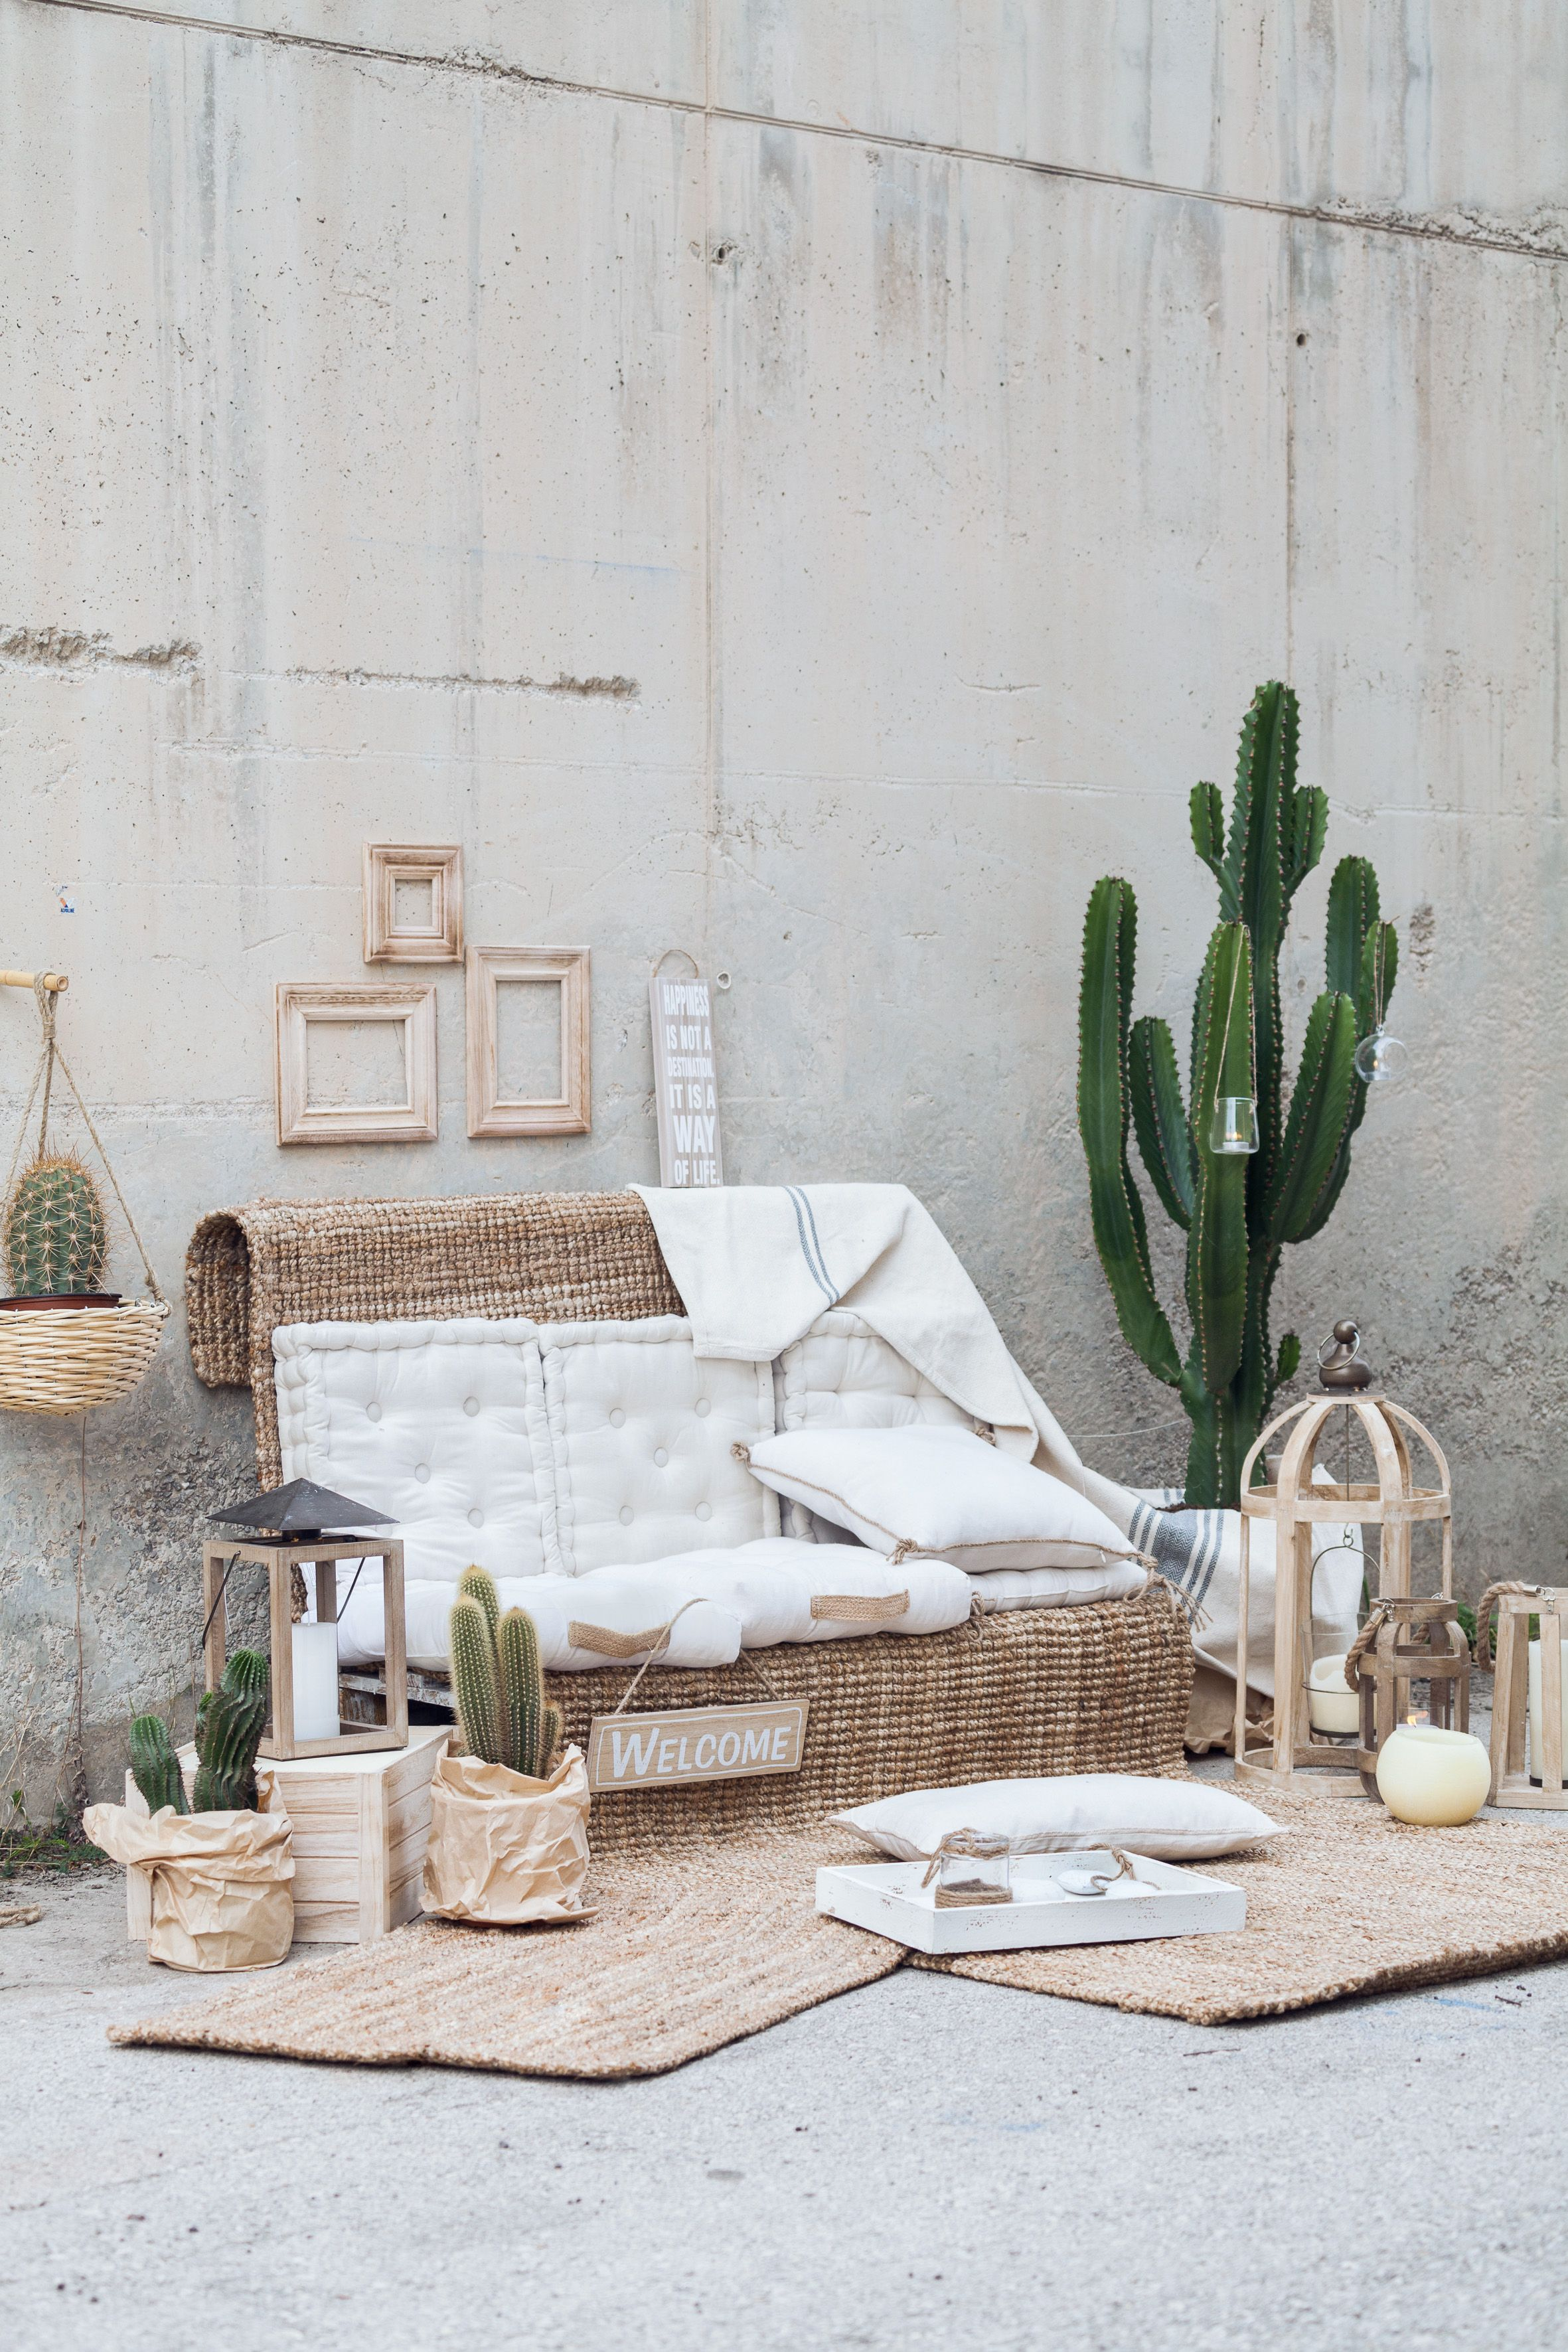 Detalles naturales para decorar interiores o exteriores - Alfombras de bambu ...